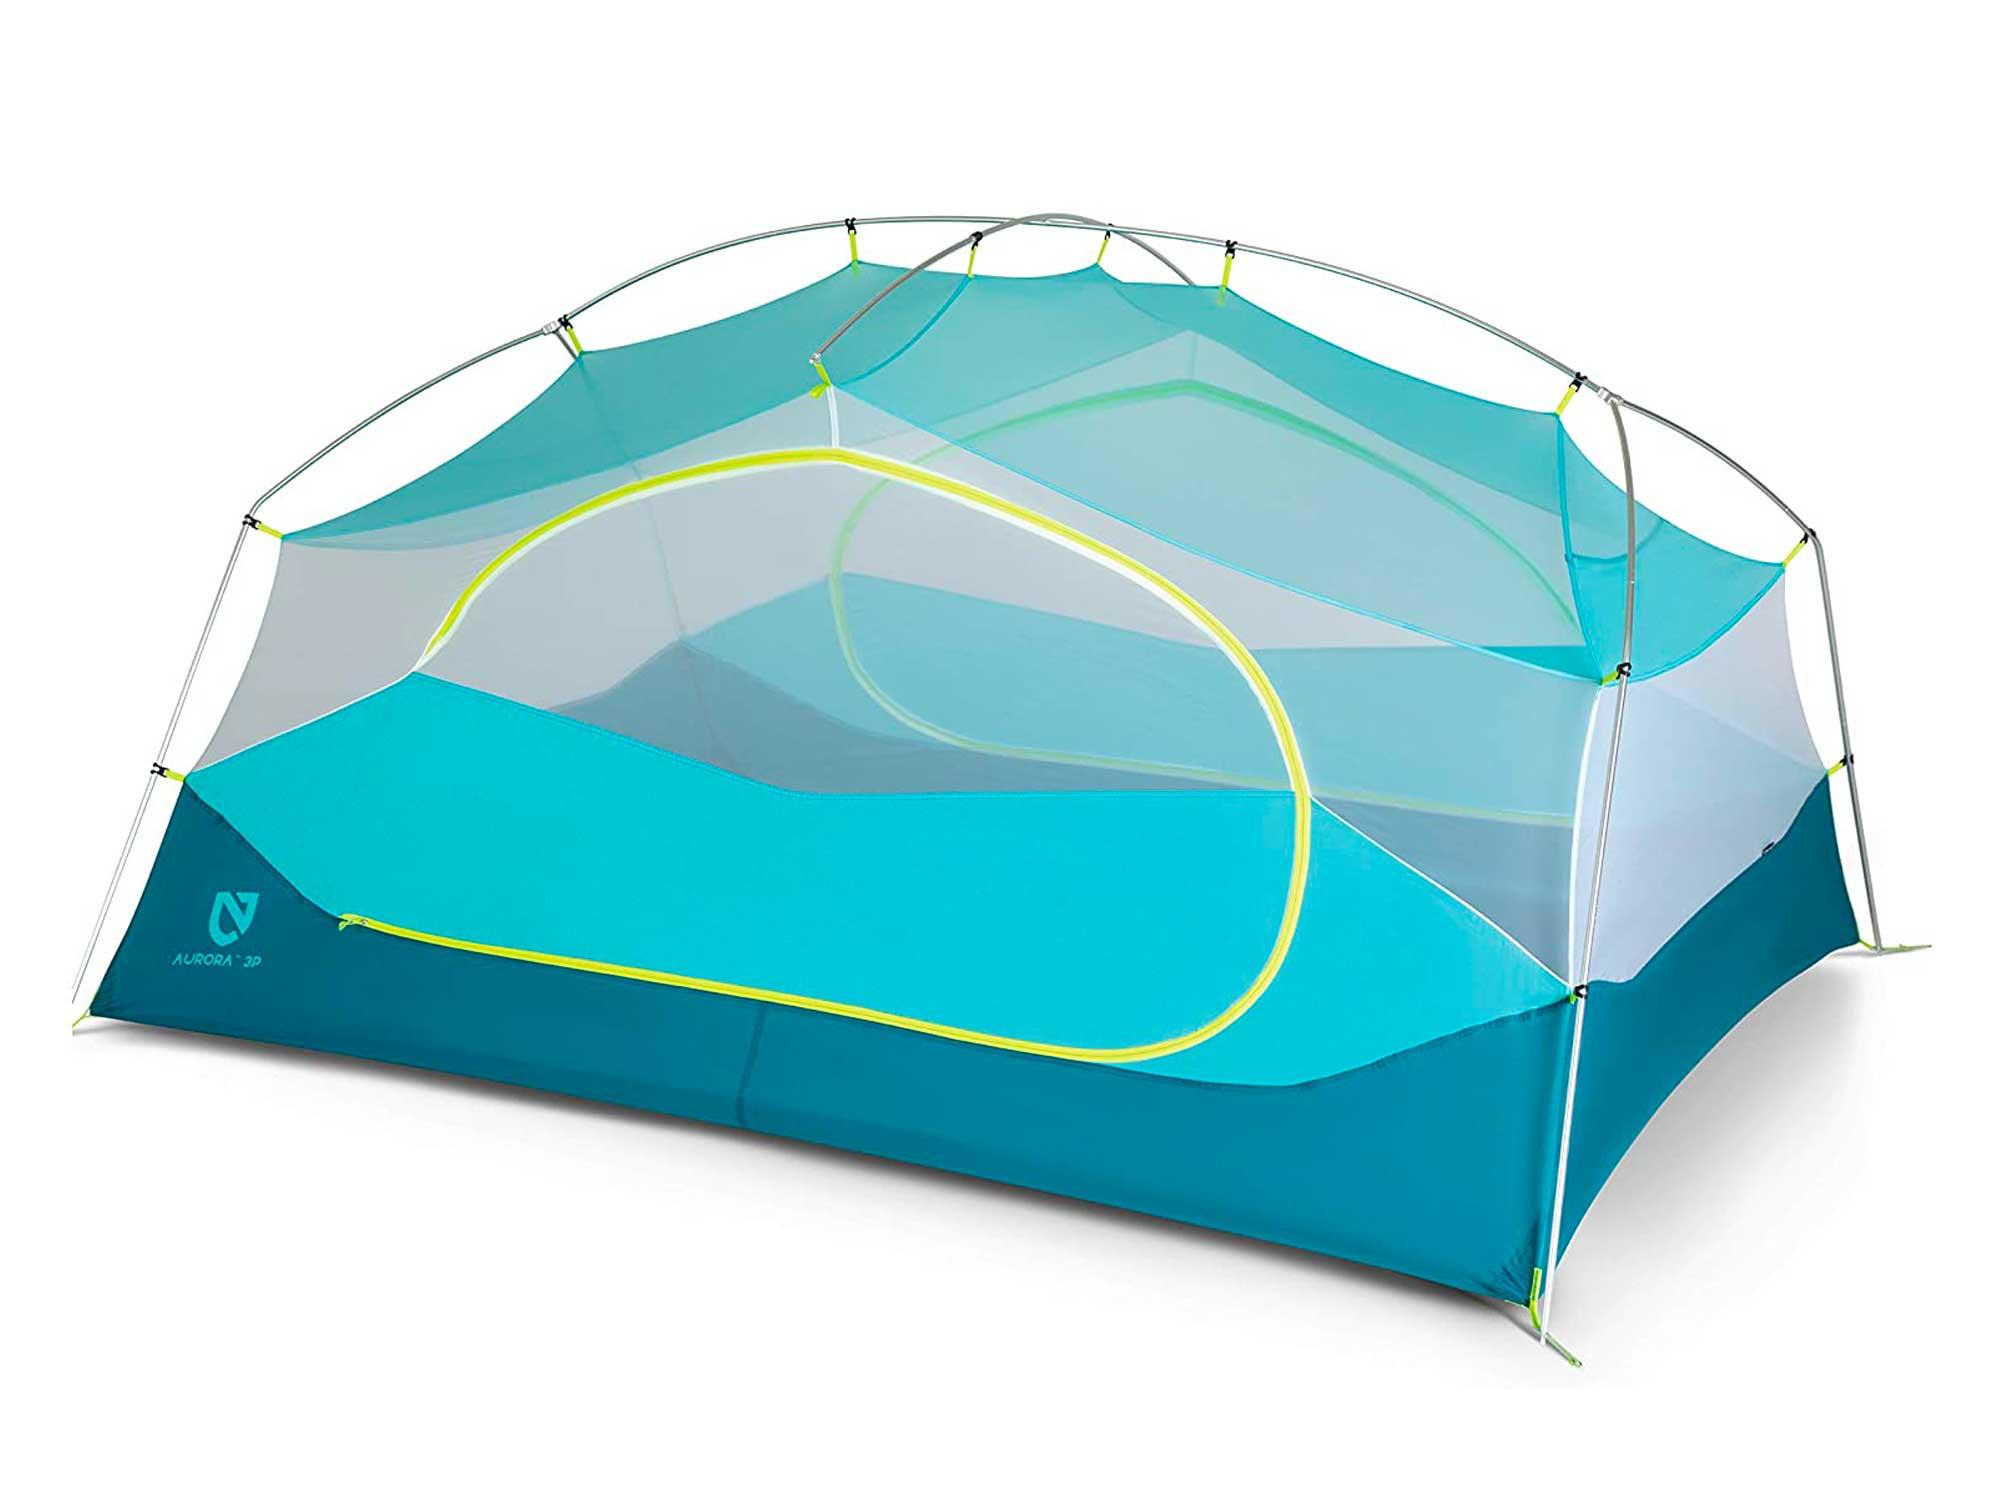 Nemo Aurora Three-person Tent